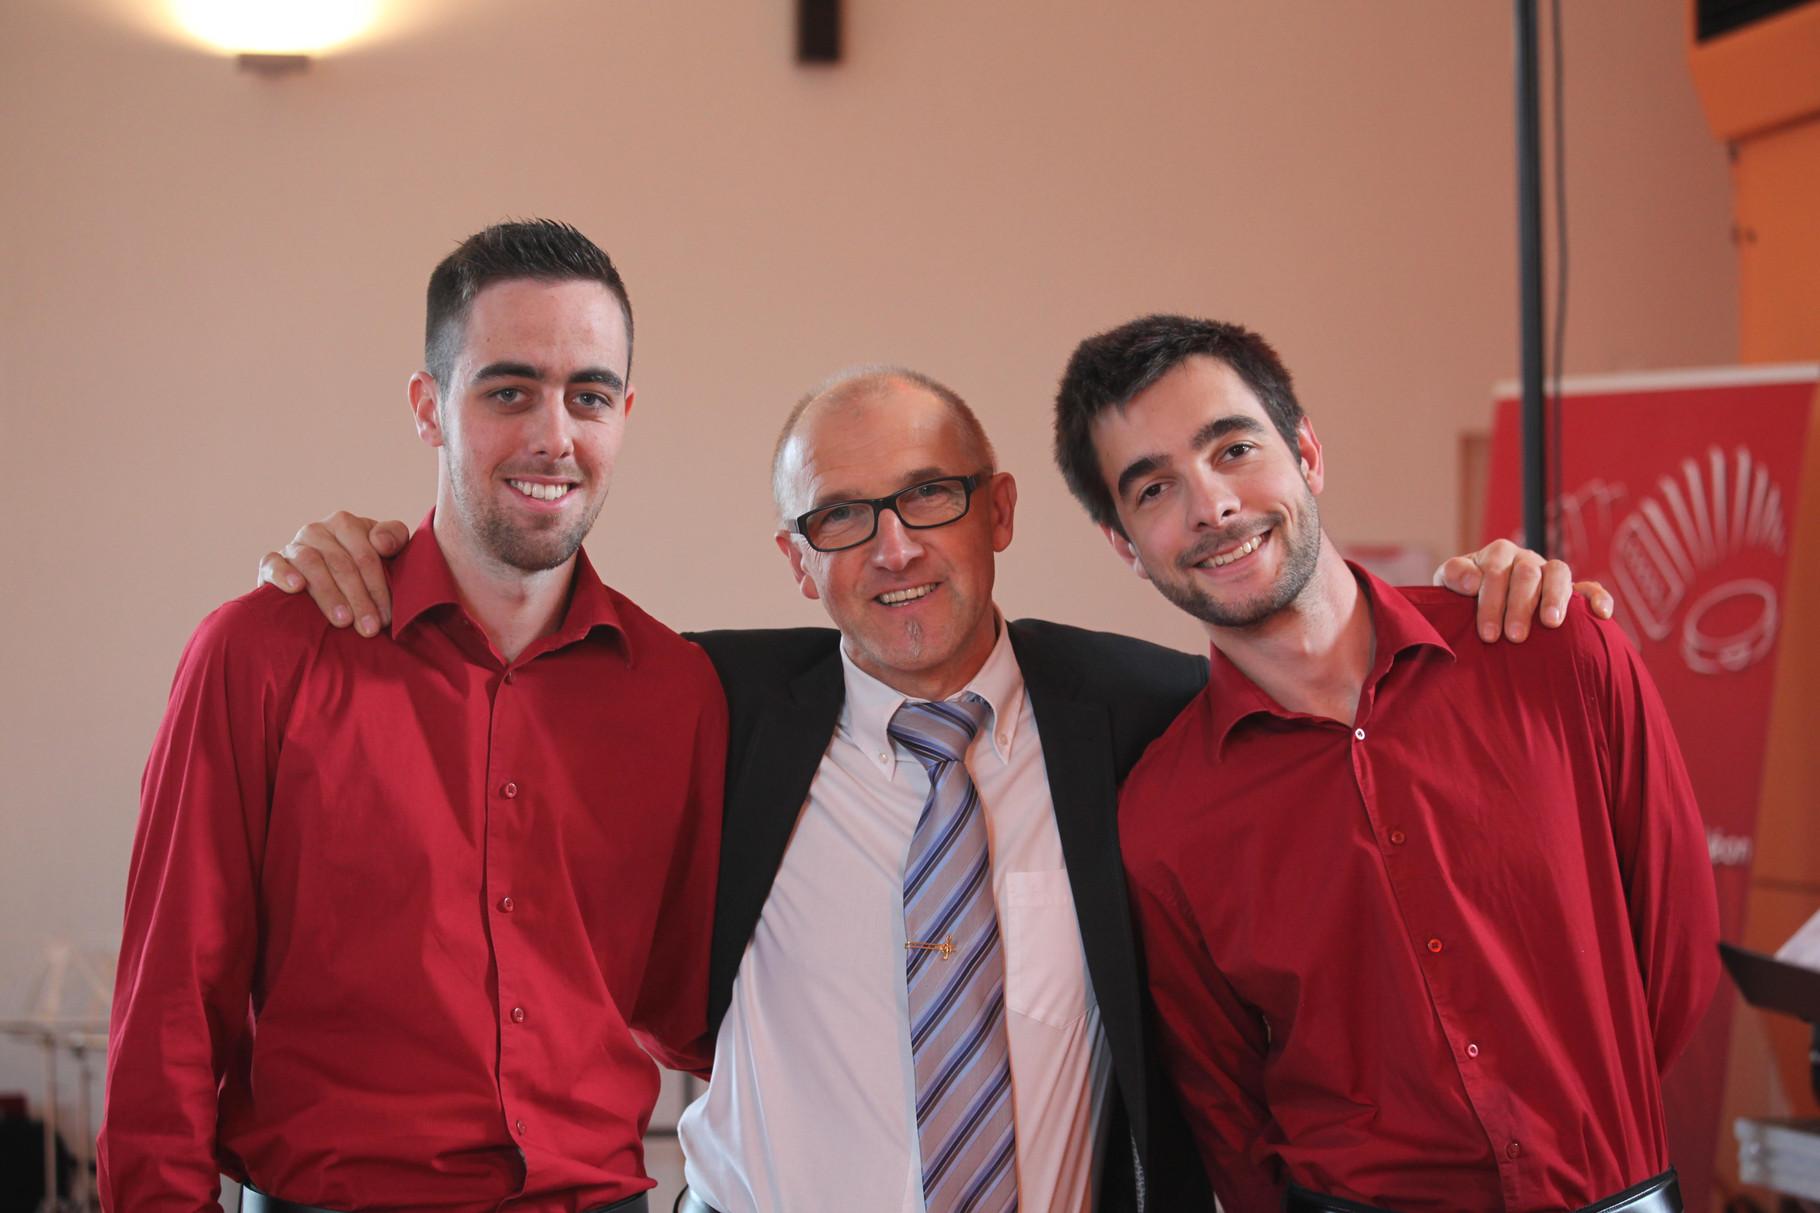 Les chefs d'orchestre - Roppentzwiller 18.10.15 - Photo P. Watelet